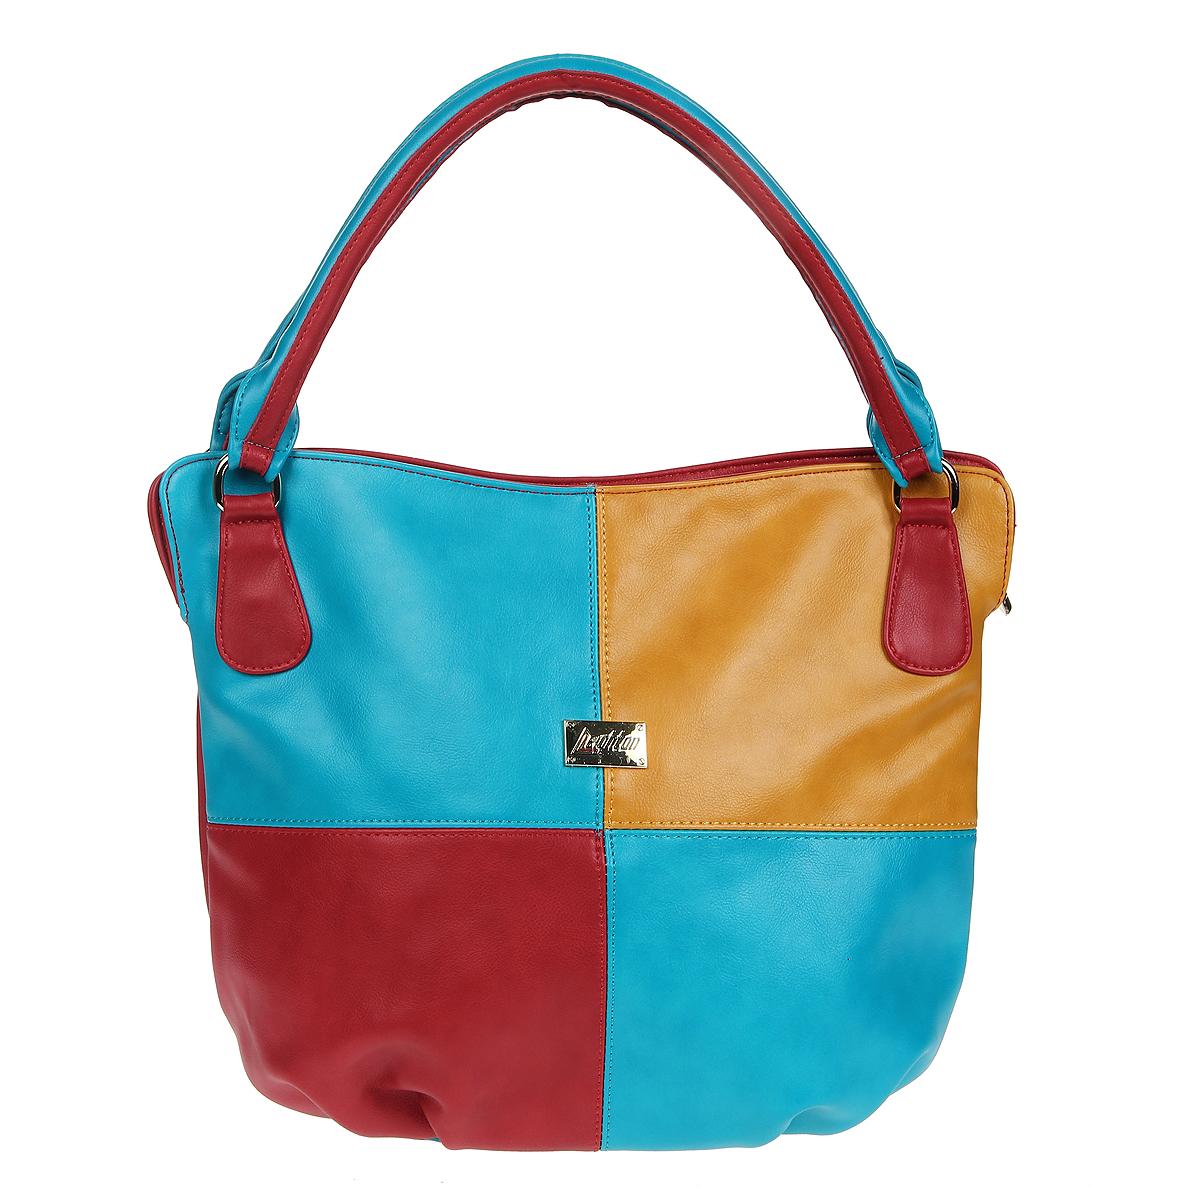 Сумка женская Leighton, цвет: красный, голубой, горчичный. 78609-1589/17/1589/20/15878609-1589/17/1589/20/158Оригинальная женская сумка Leighton выполнена из искусственной кожи красного, голубого и горчичного цветов. Сумка состоит из одного вместительного отделения, закрывающегося на застежку-молнию. Внутри - смежный карман на молнии, вшитый кармашек на молнии и два накладных открытых кармана для мелочей и телефона. На задней стенке сумки расположен вшитый карман на молнии. Сумка оснащена двумя удобными ручками. Сумка - это стильный аксессуар, который подчеркнет вашу изысканность и индивидуальность и сделает ваш образ завершенным. Женская сумочка Leighton - это воплощение элегантности и шика. Высококачественные материалы, чистота линий, как выбор стиля, идут об руку с модными тенденциями. Обладательницей данной коллекции может быть только сильная и независимая женщина, бросающая вызов обыденности. Характеристики: Материал: искусственная кожа, текстиль, металл. Цвет: красный, голубой, горчичный. Размер сумки: 38 см х 29 см х 13 см. ...